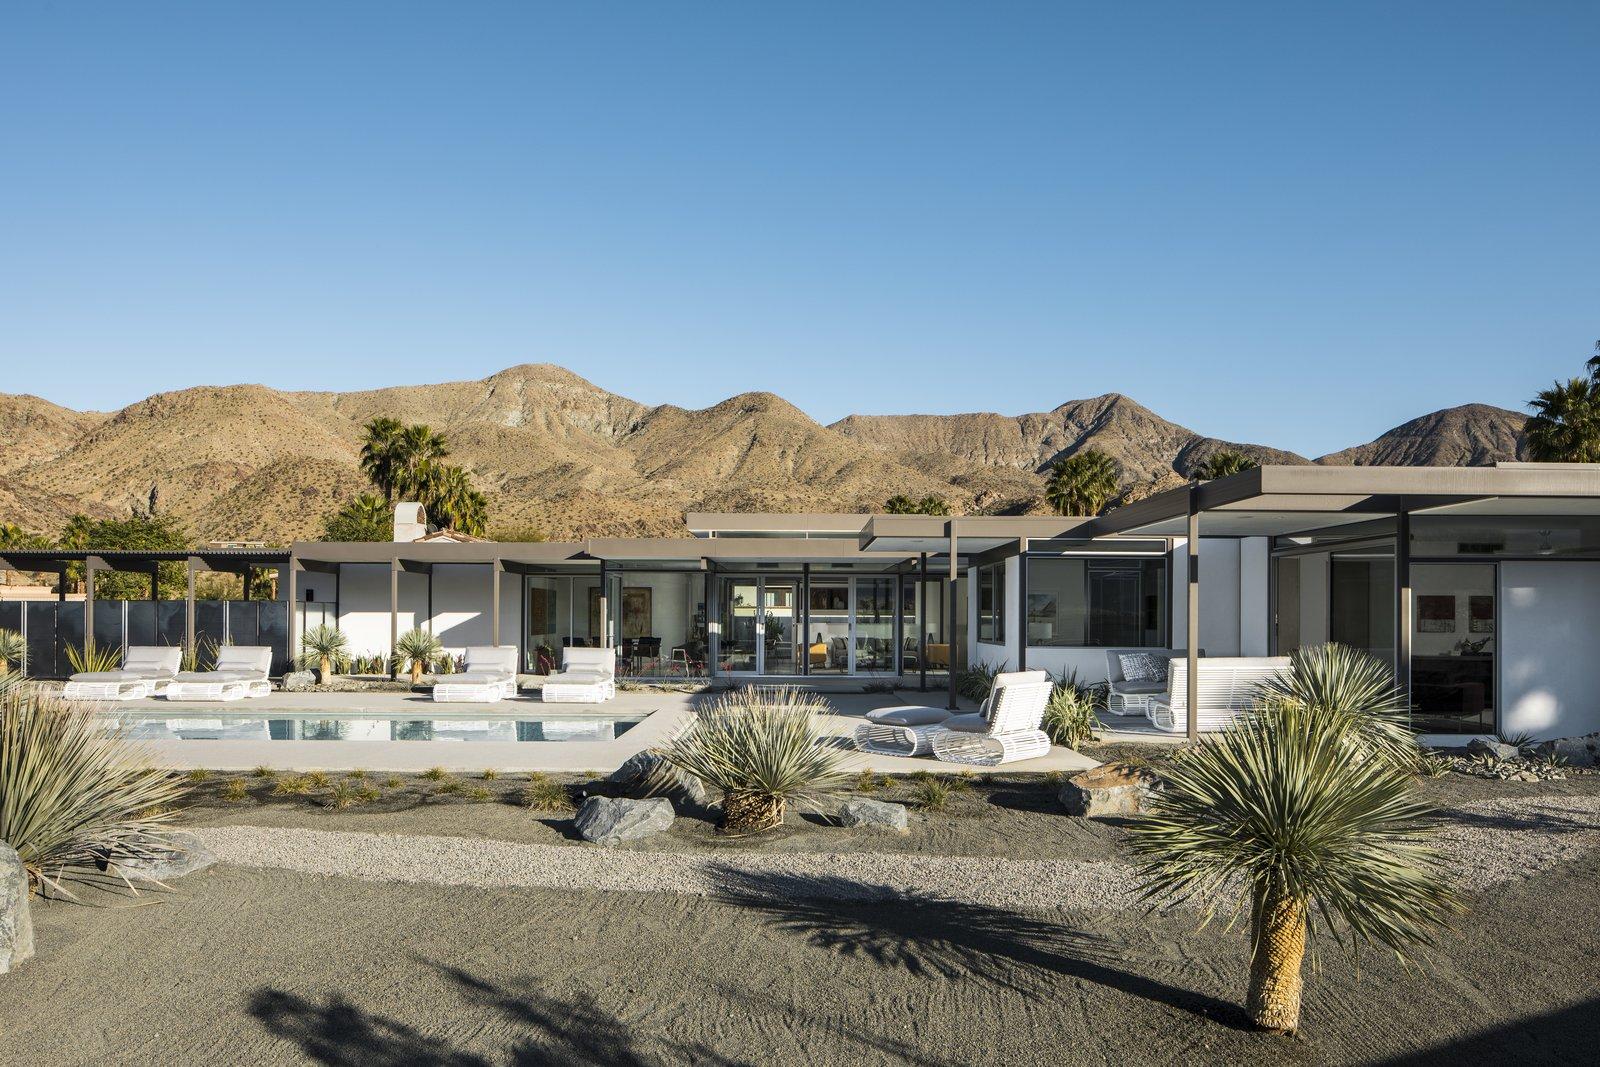 Desert Homes: Design and ideas for modern living - Dwell